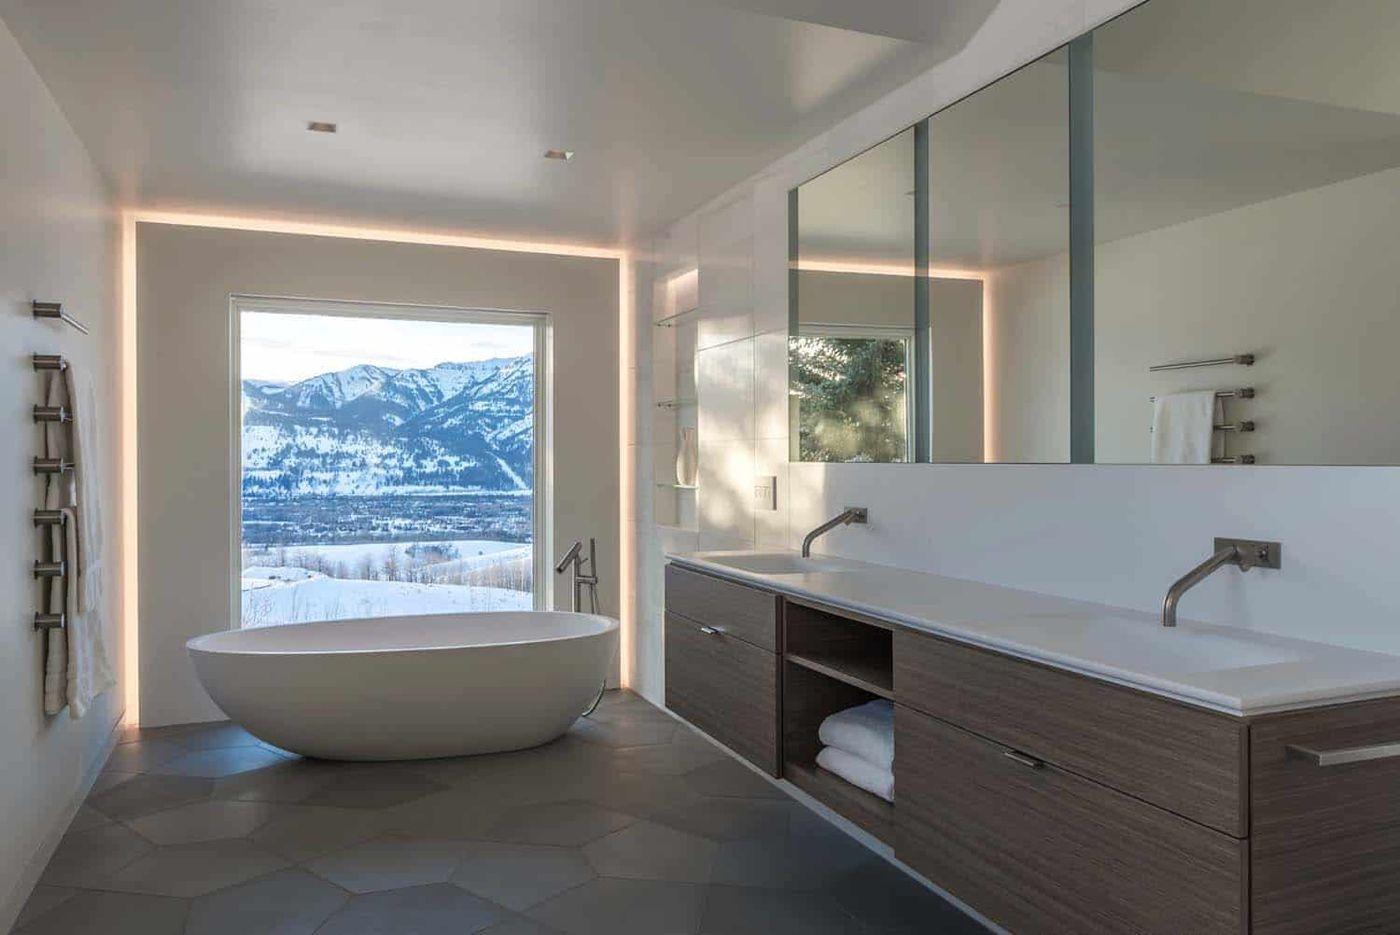 Moderne Bader Heute Mit Grossen Fenstern Mit Freistehender Badewanne Und Doppeltem Waschbecken Und Grosse Badezimmer Grau Moderne Bader Badezimmer Renovieren